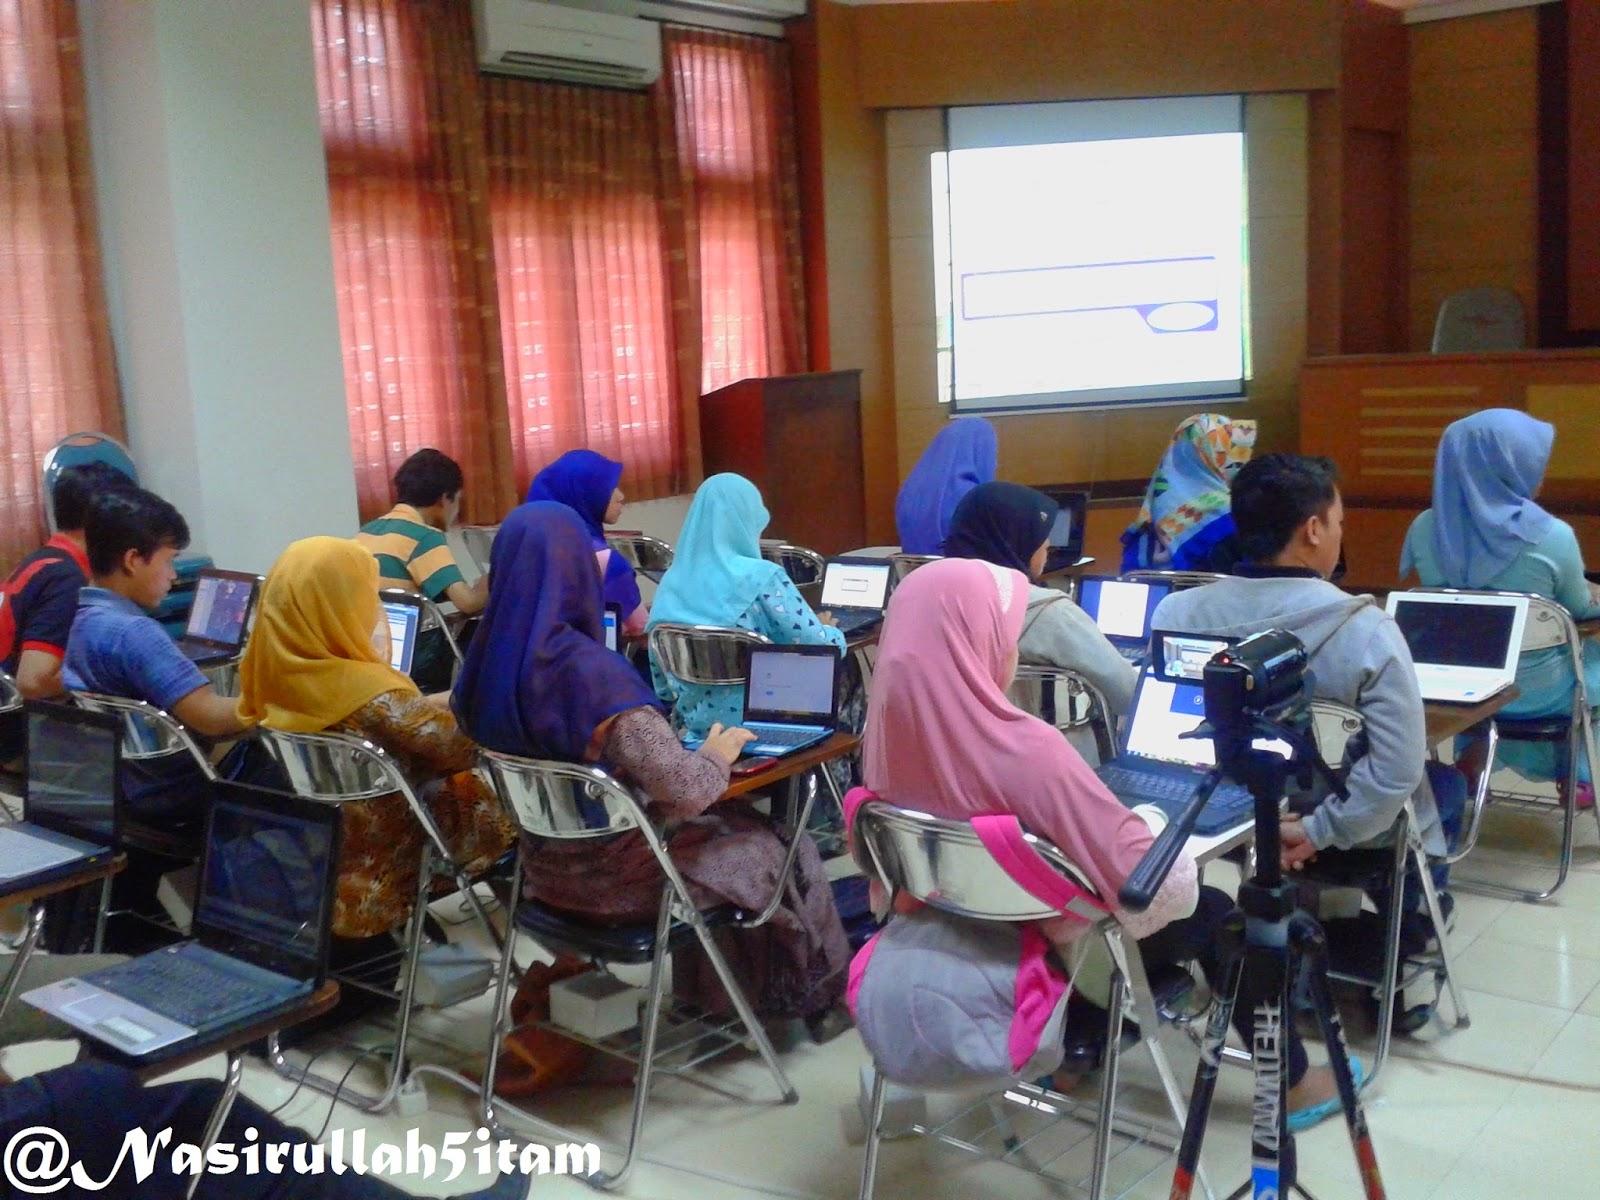 Acara pengenalan software yang diisi oleh teman kuliah